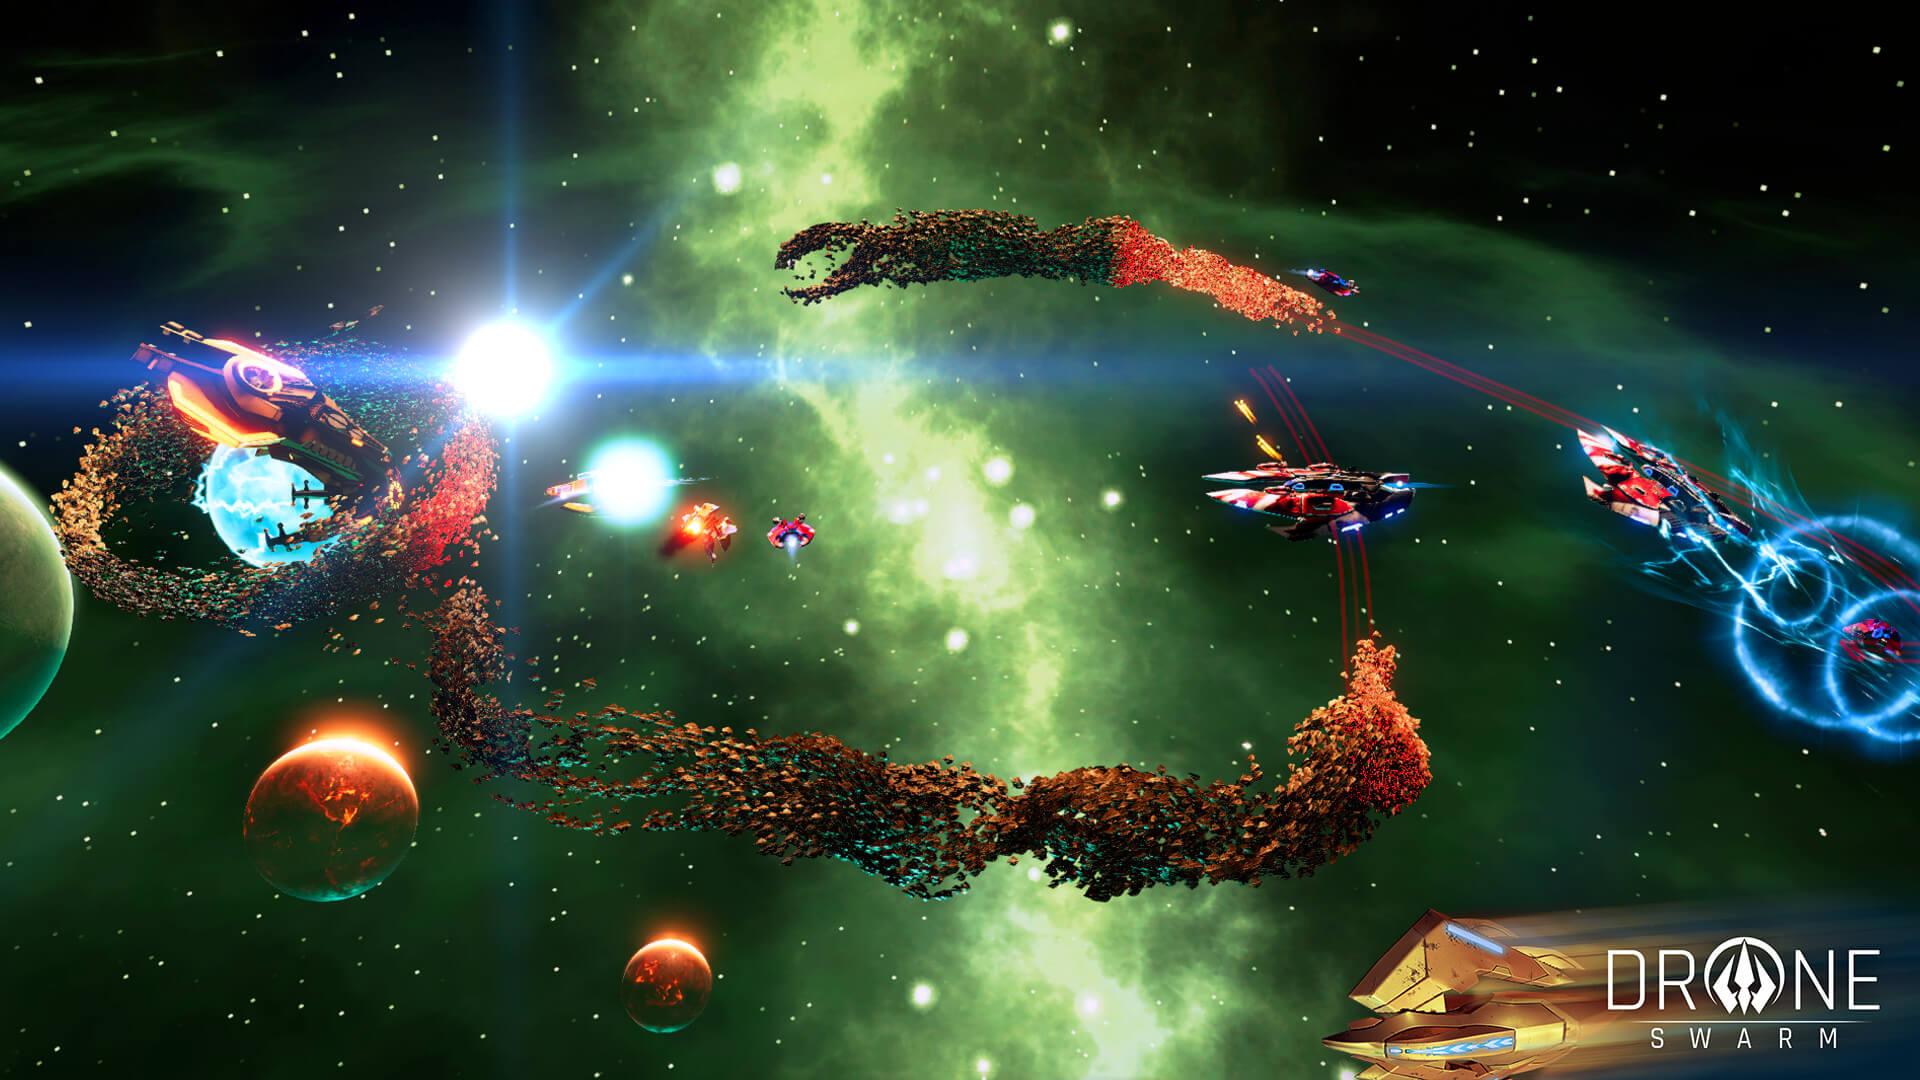 Trailer de teaser de jogabilidade lançado para o jogo de estratégia de ficção científica, Drone Swarm